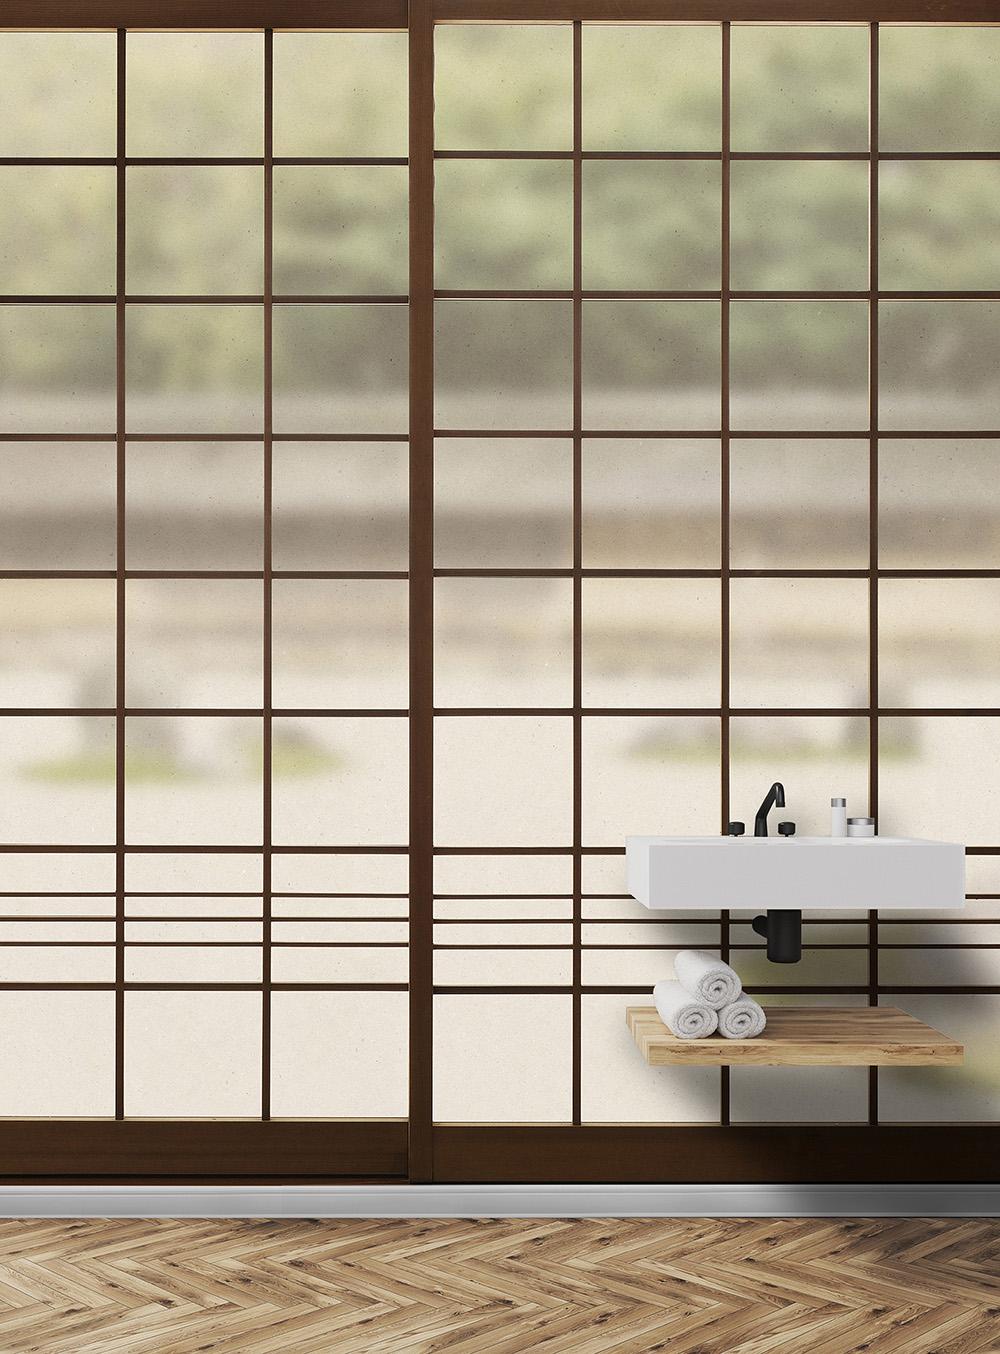 Wallpaper ταπετσαρία Κιότο